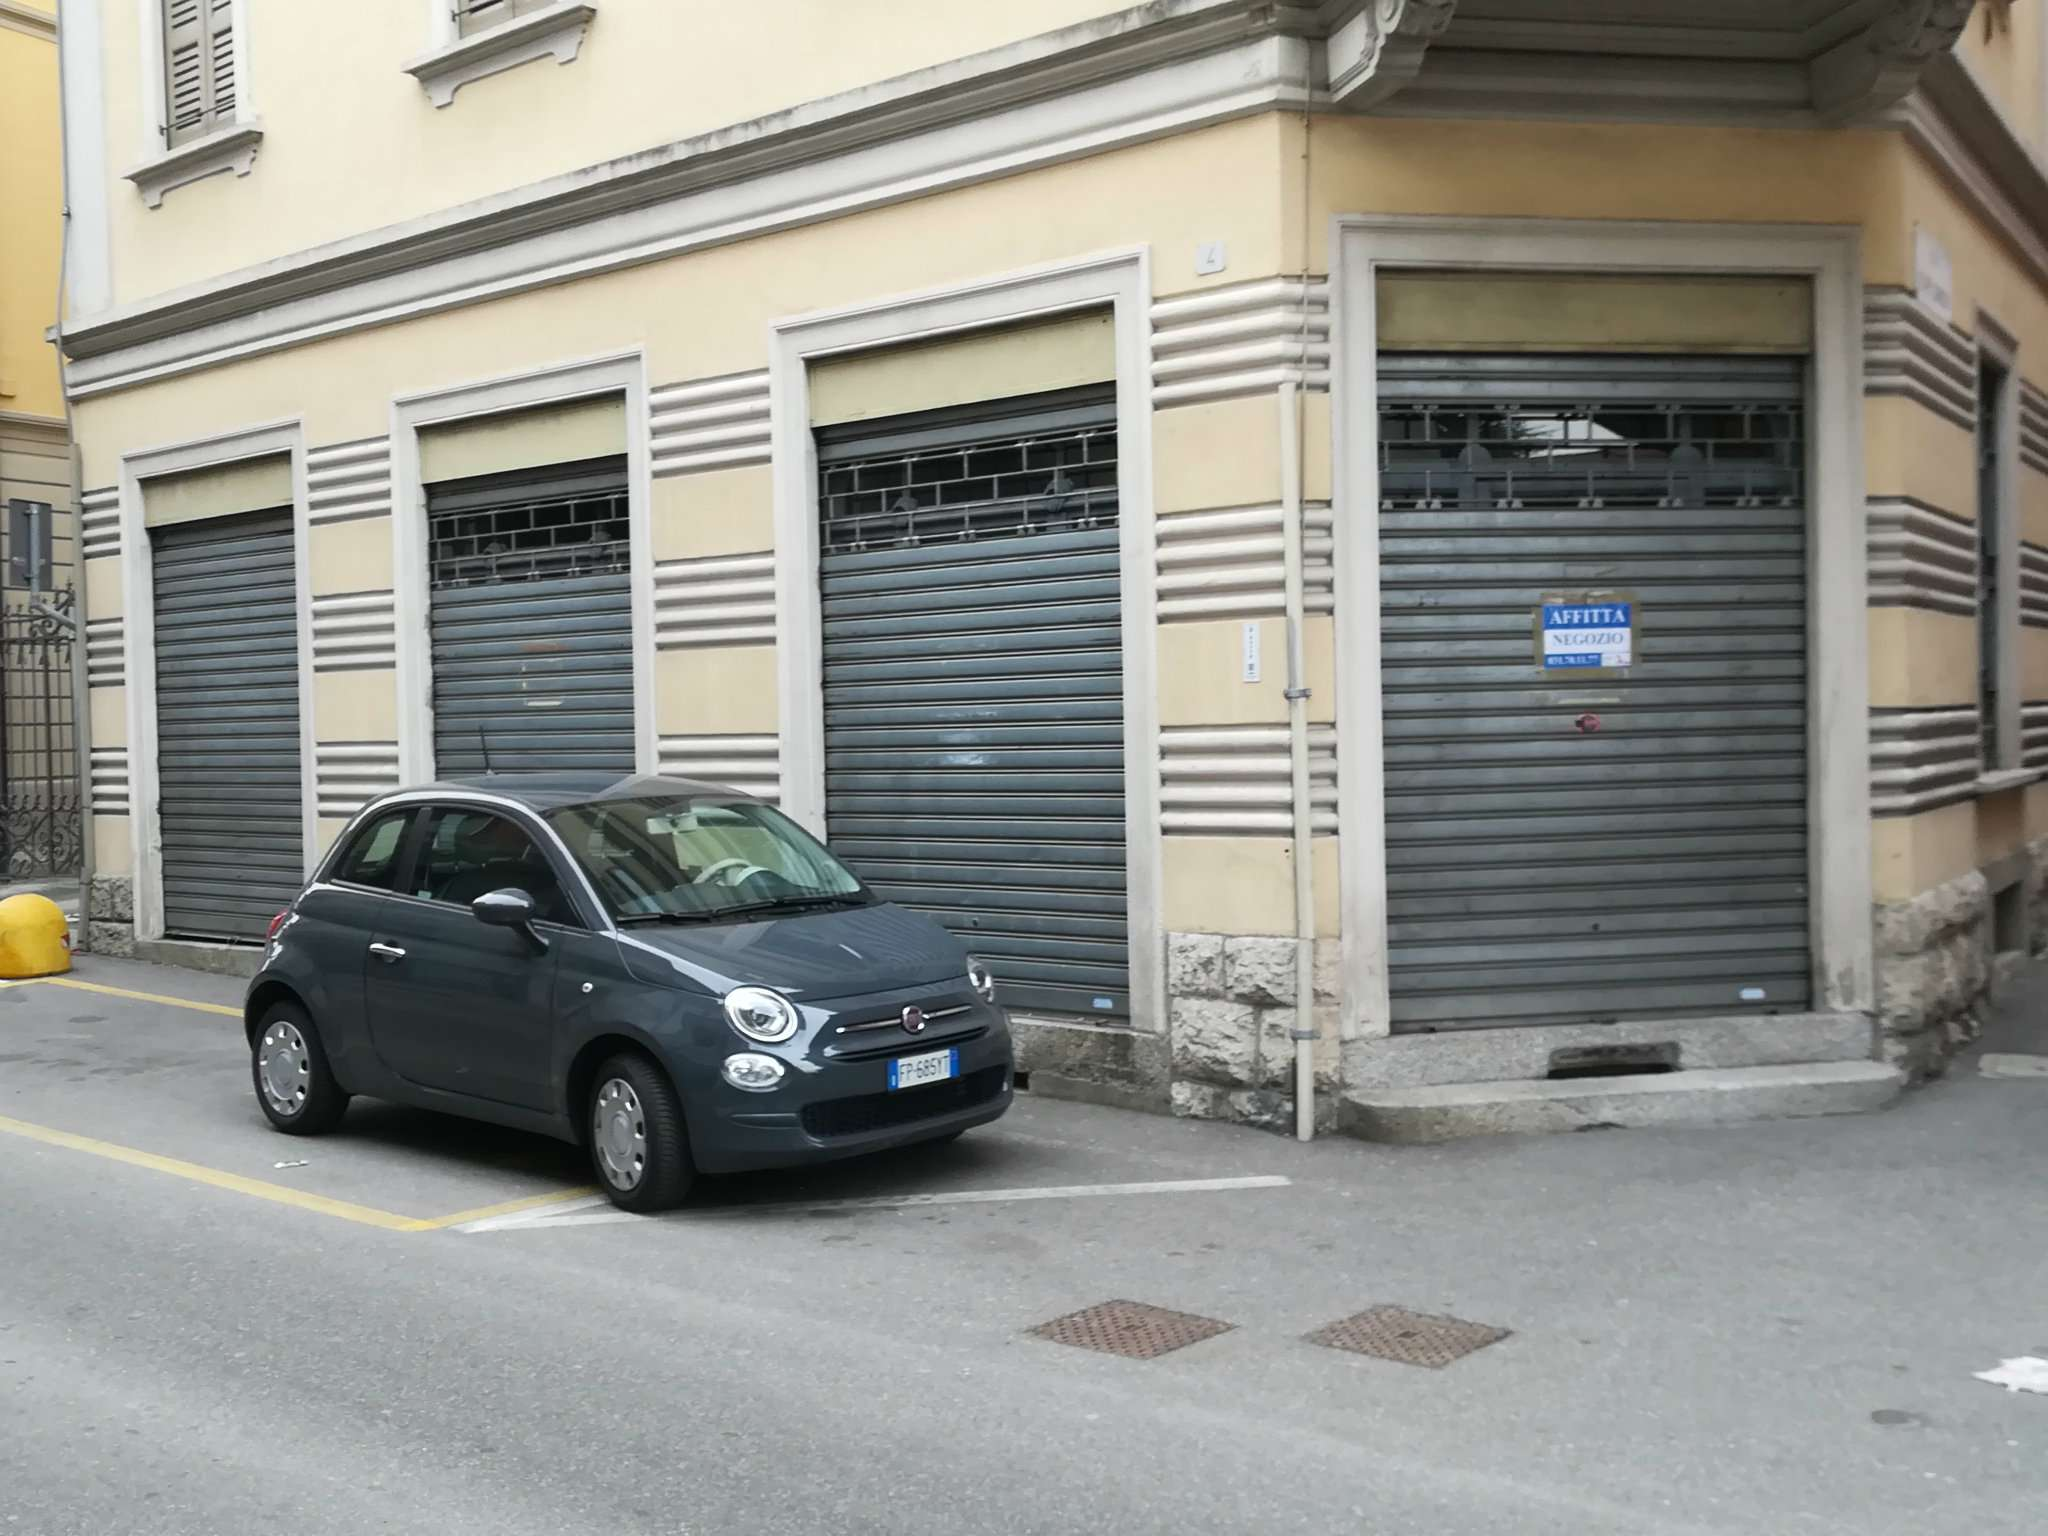 Negozio / Locale in affitto a Cantù, 3 locali, prezzo € 700 | PortaleAgenzieImmobiliari.it